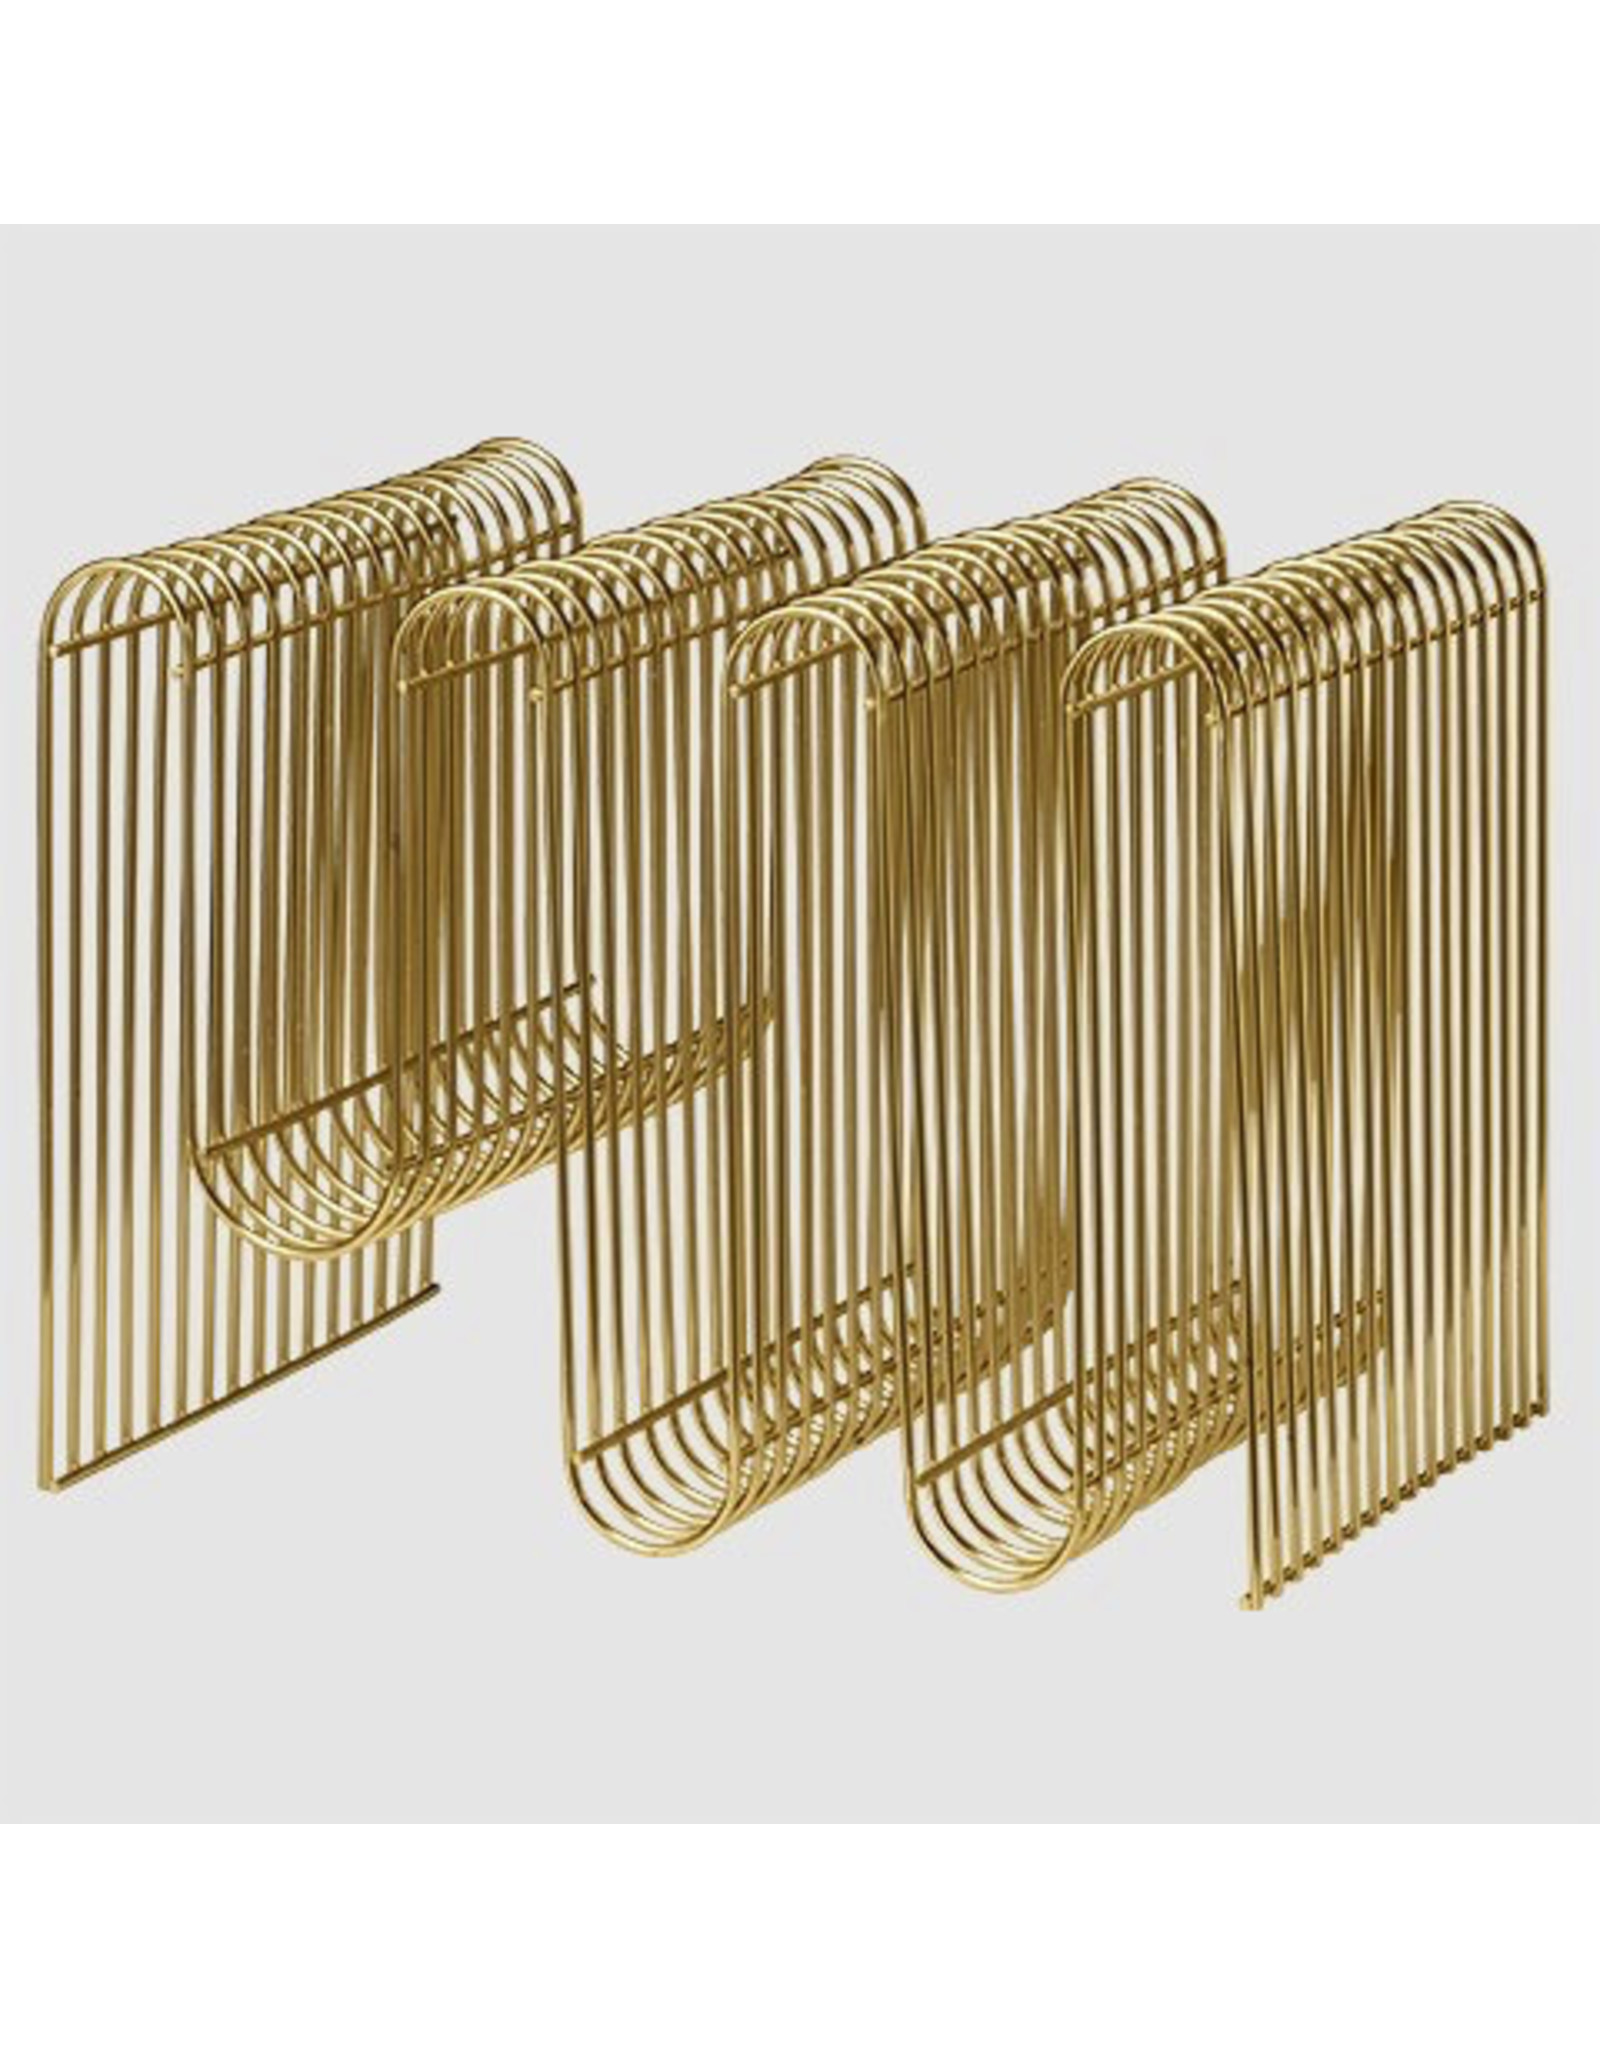 AYTM Curva Magazine Holder Gold